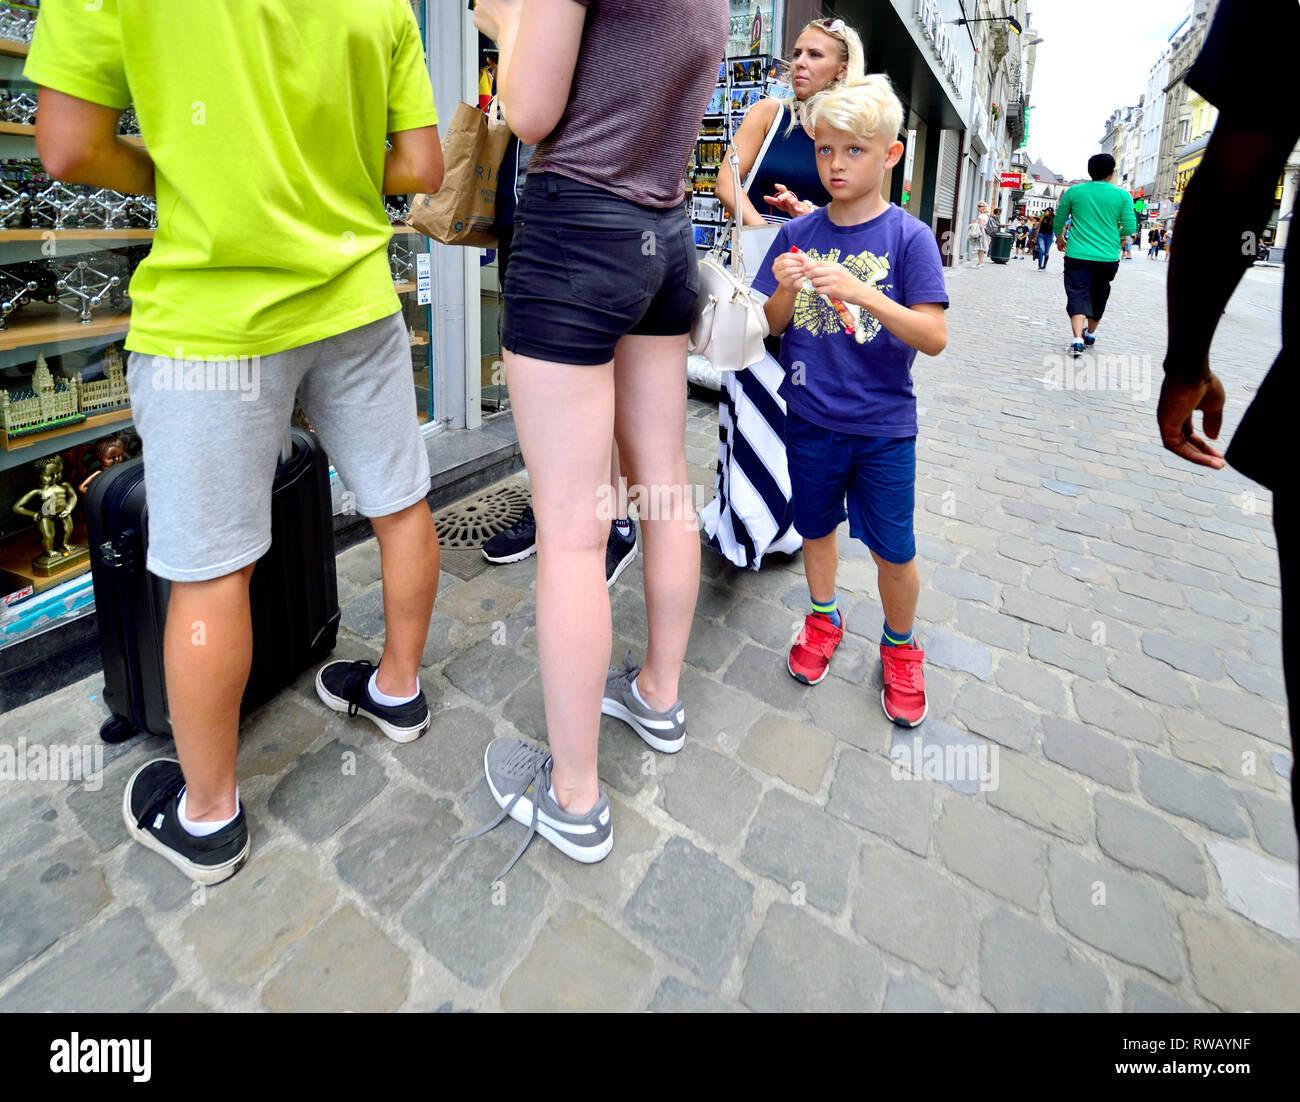 Brüssel, Belgien. Junge mit Familie außerhalb eines Shop Stockbild